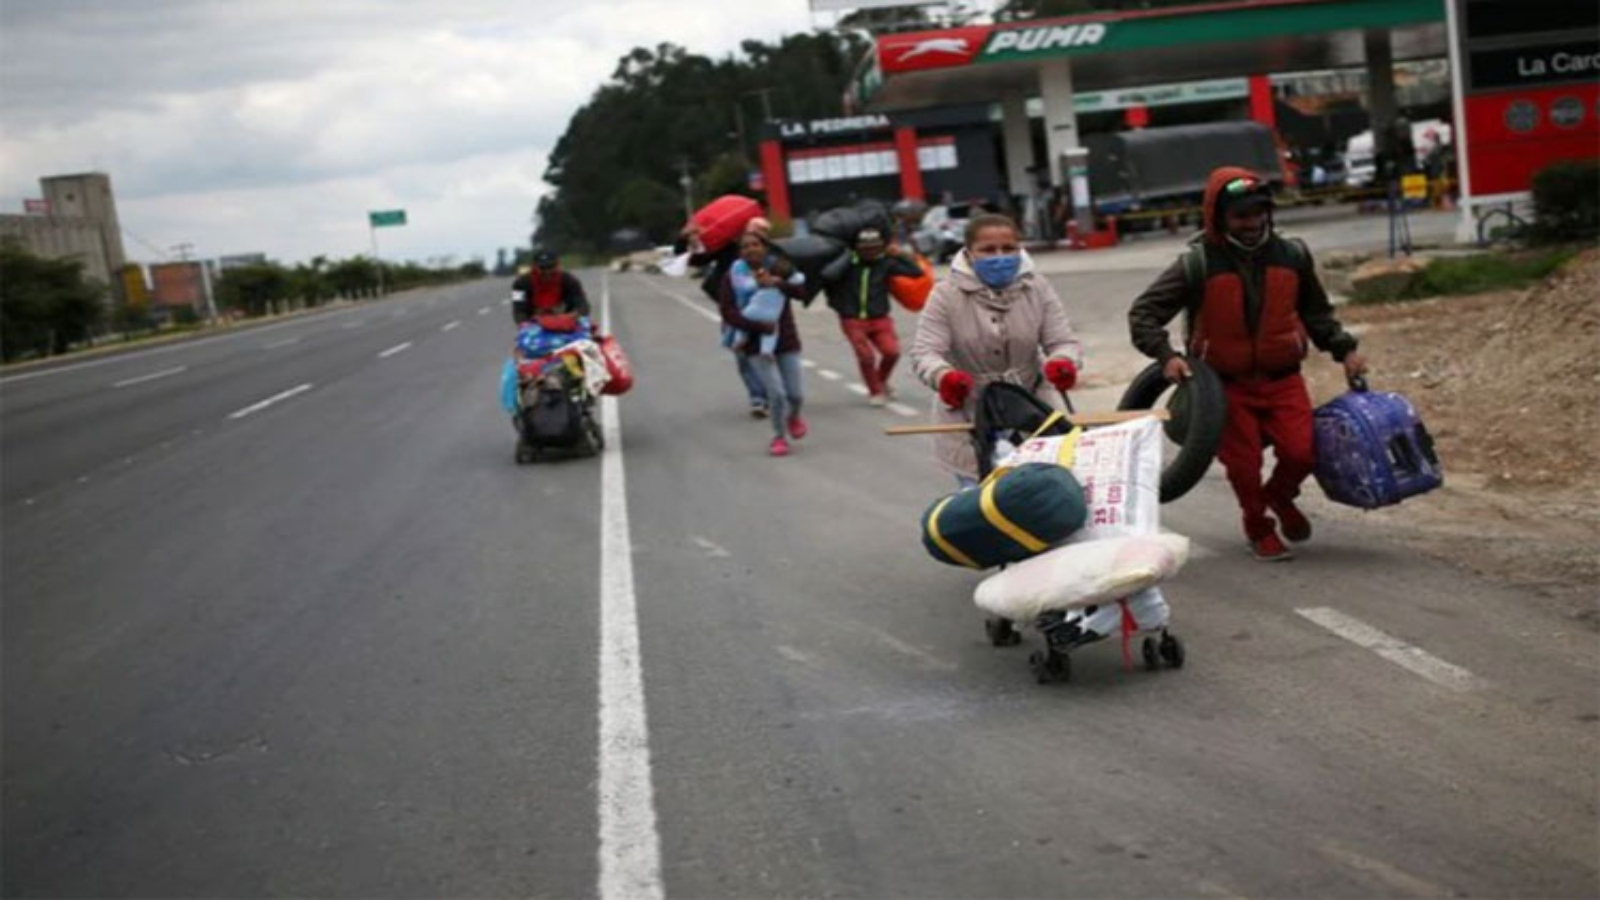 Salario mínimo en Venezuela sube a 4,6 dólares mensuales